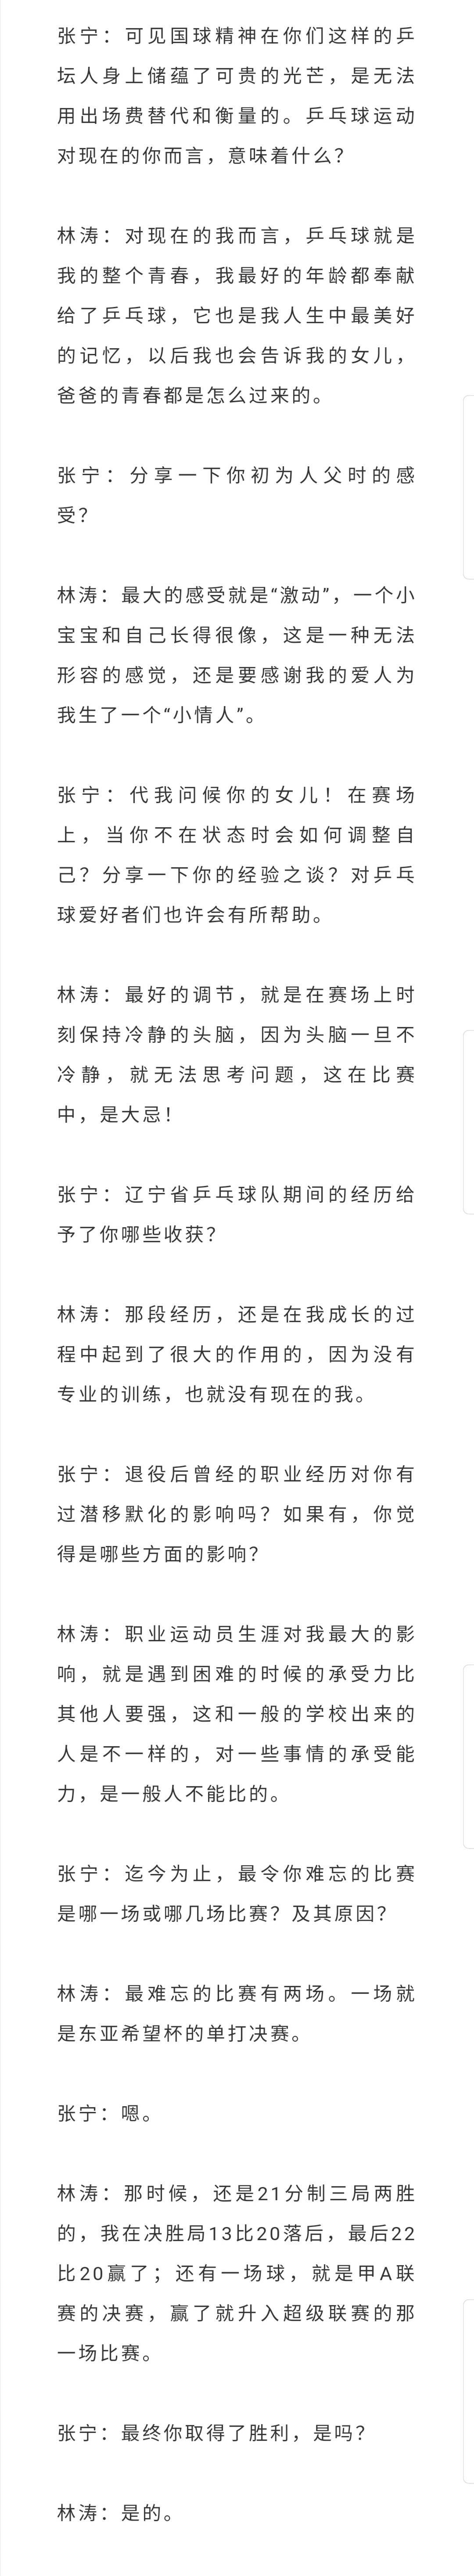 爱体育官方网站: 林涛:做最好的自己 前辽宁省乒乓球队队员 对话乒坛人(图3)